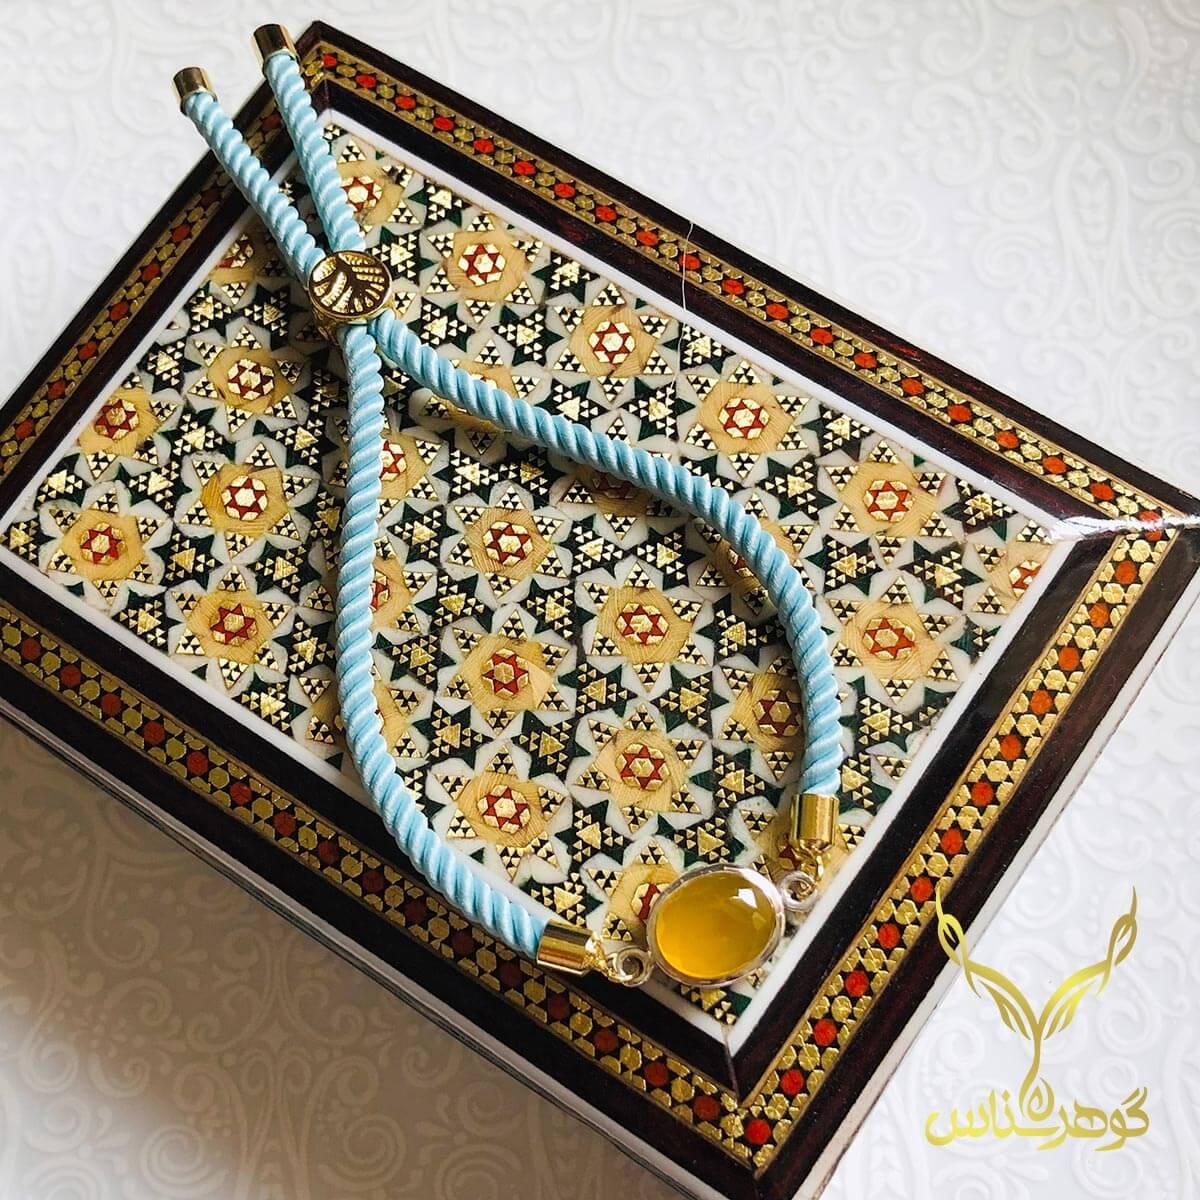 دستبند عقیق کدSC001 یک دستبند دستسار به همراه عقیق اصل یمانی ساخته شده توسط جواهرساز دهقانی مدیریت طلاسازی هرمز و فروشگاه آنلاین گوهرشناس